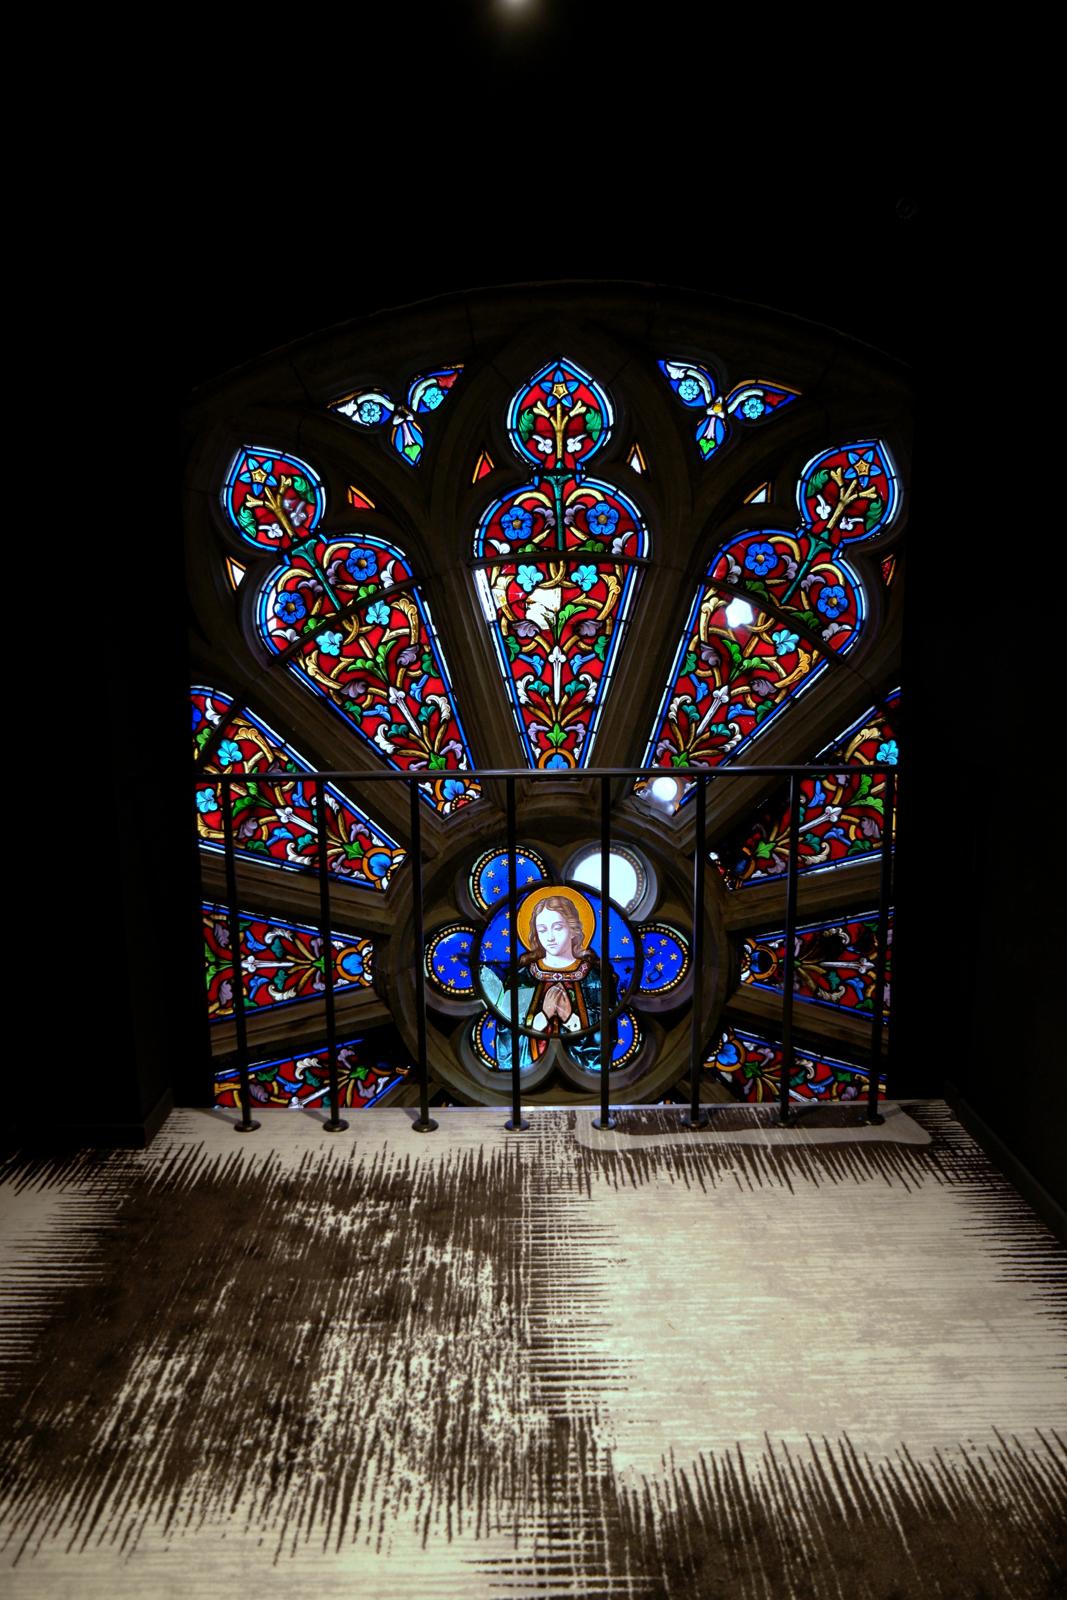 Hôtel Dream à Mons : dormir dans une église #insolite -